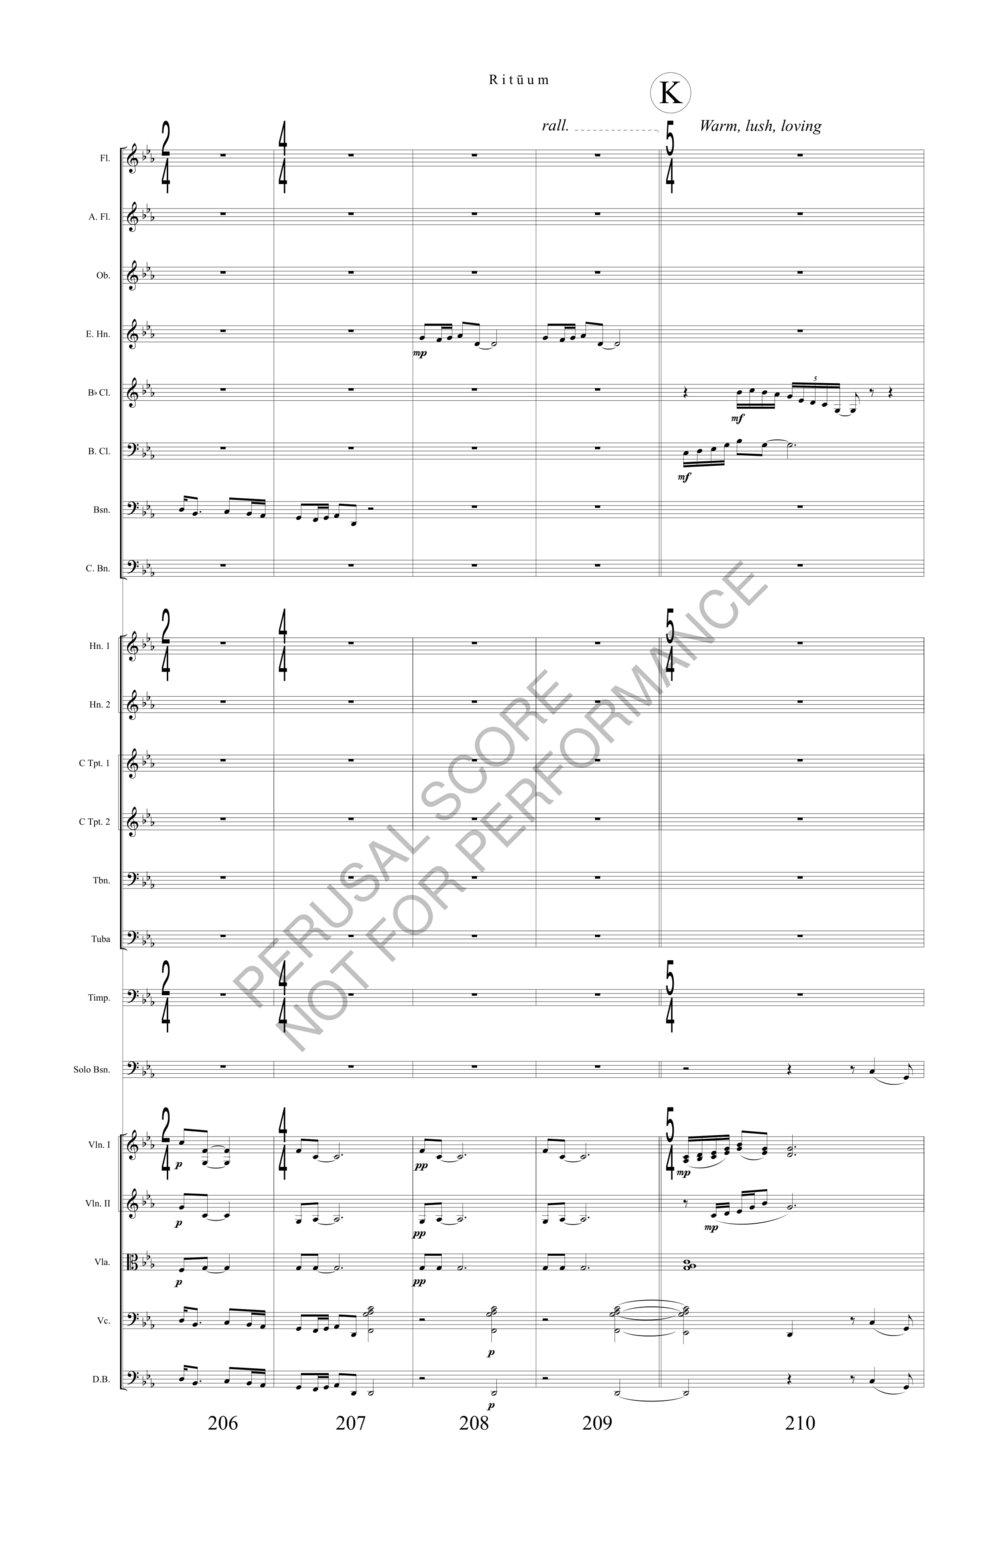 Boyd Rituum Score-watermark (1)-49.jpg